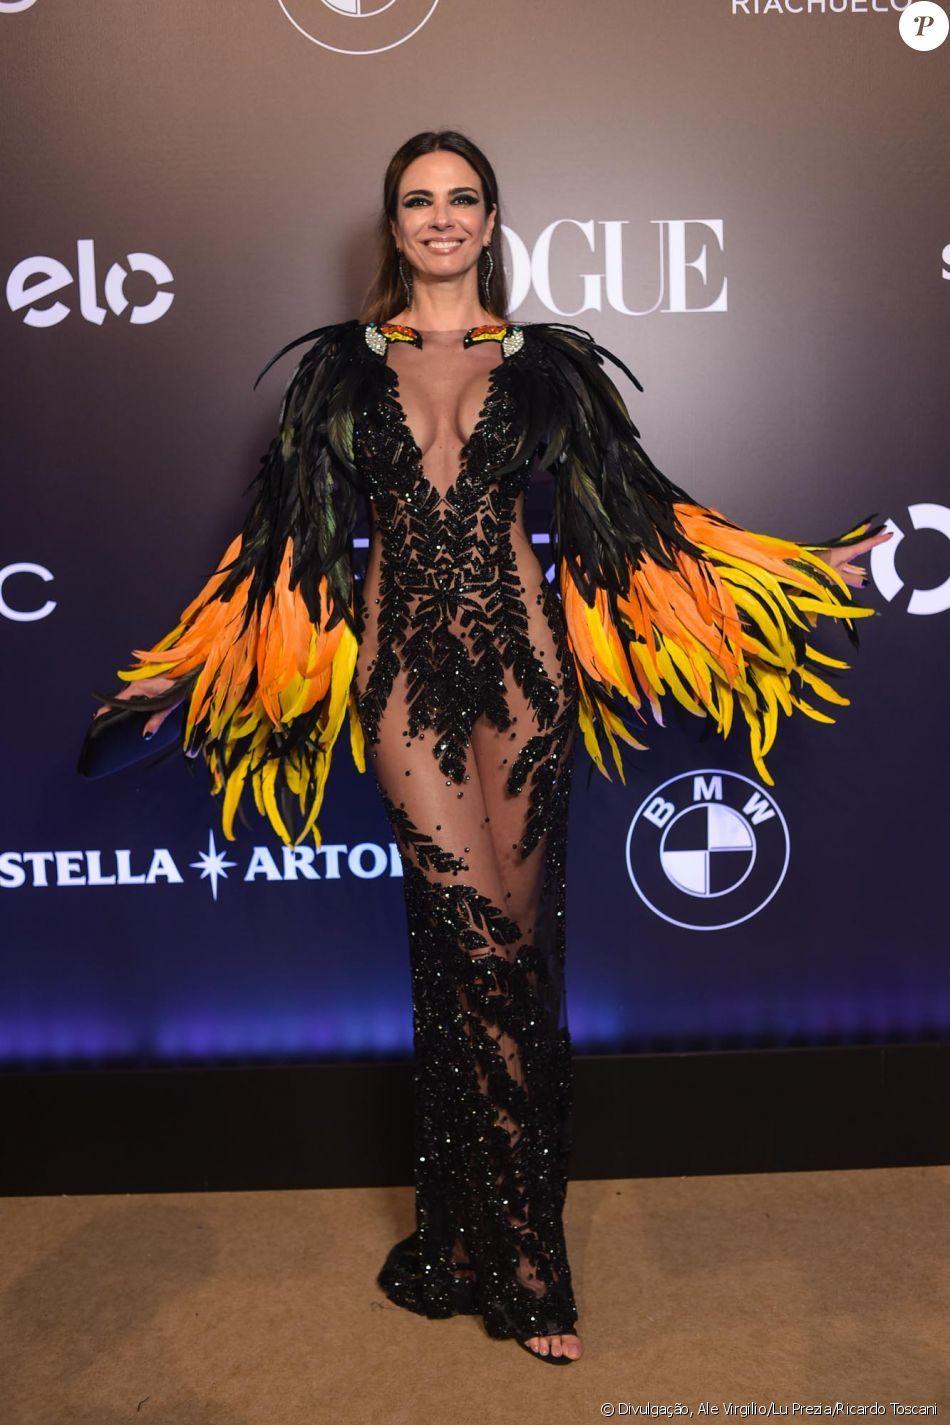 6a4167388 Luciana Gimenez de Isabella Narchi no Baile da Vogue, realizado no Hotel  Unique, em